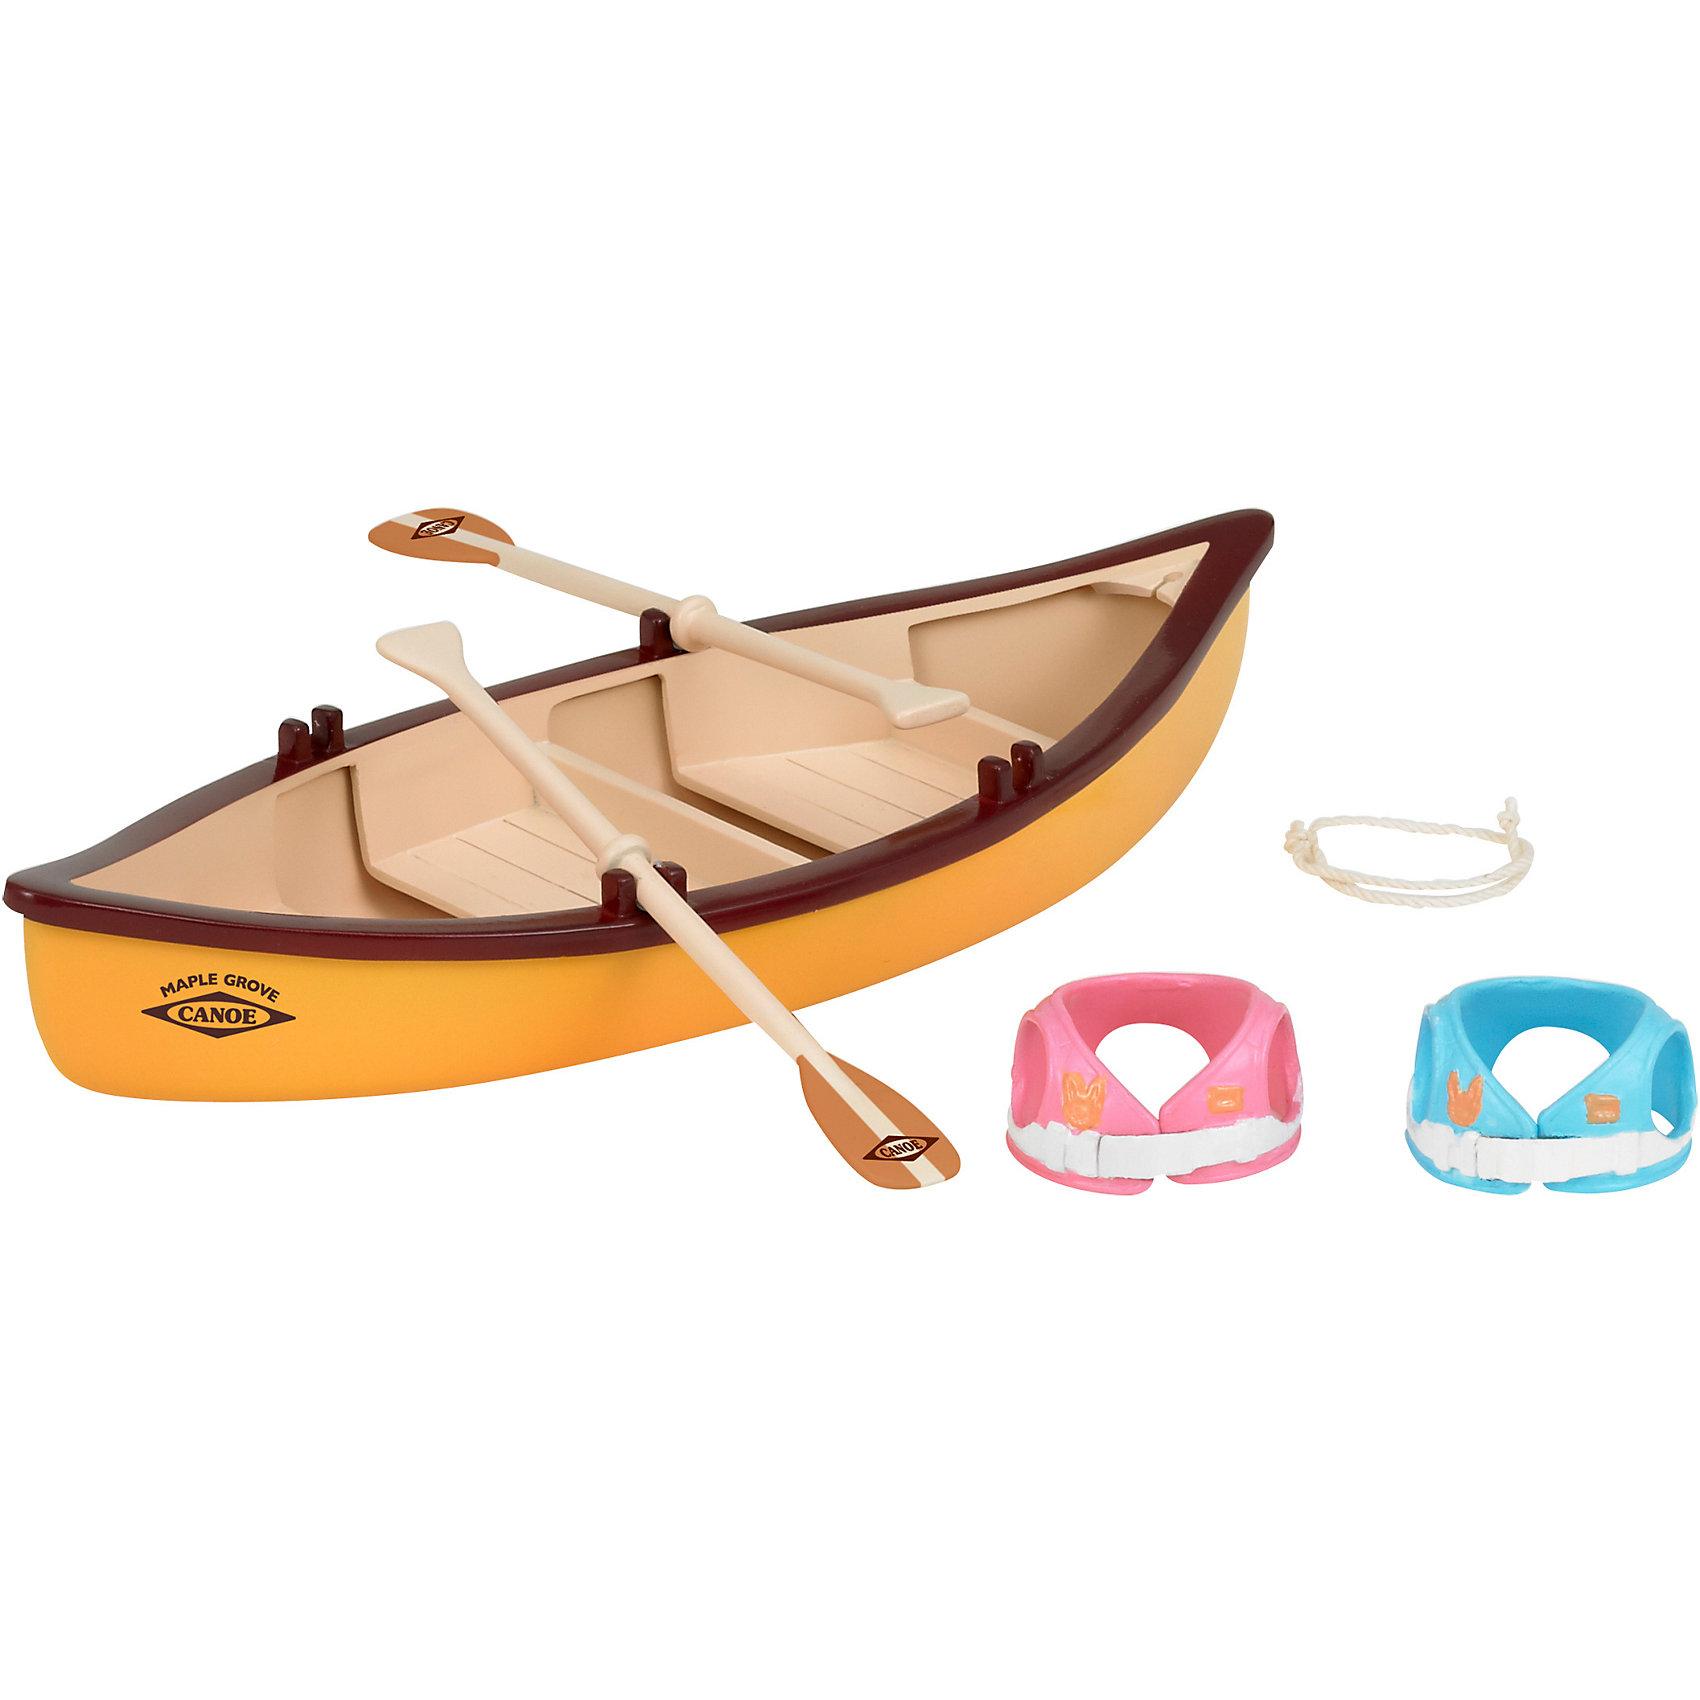 - Набор Лодка Sylvanian Families